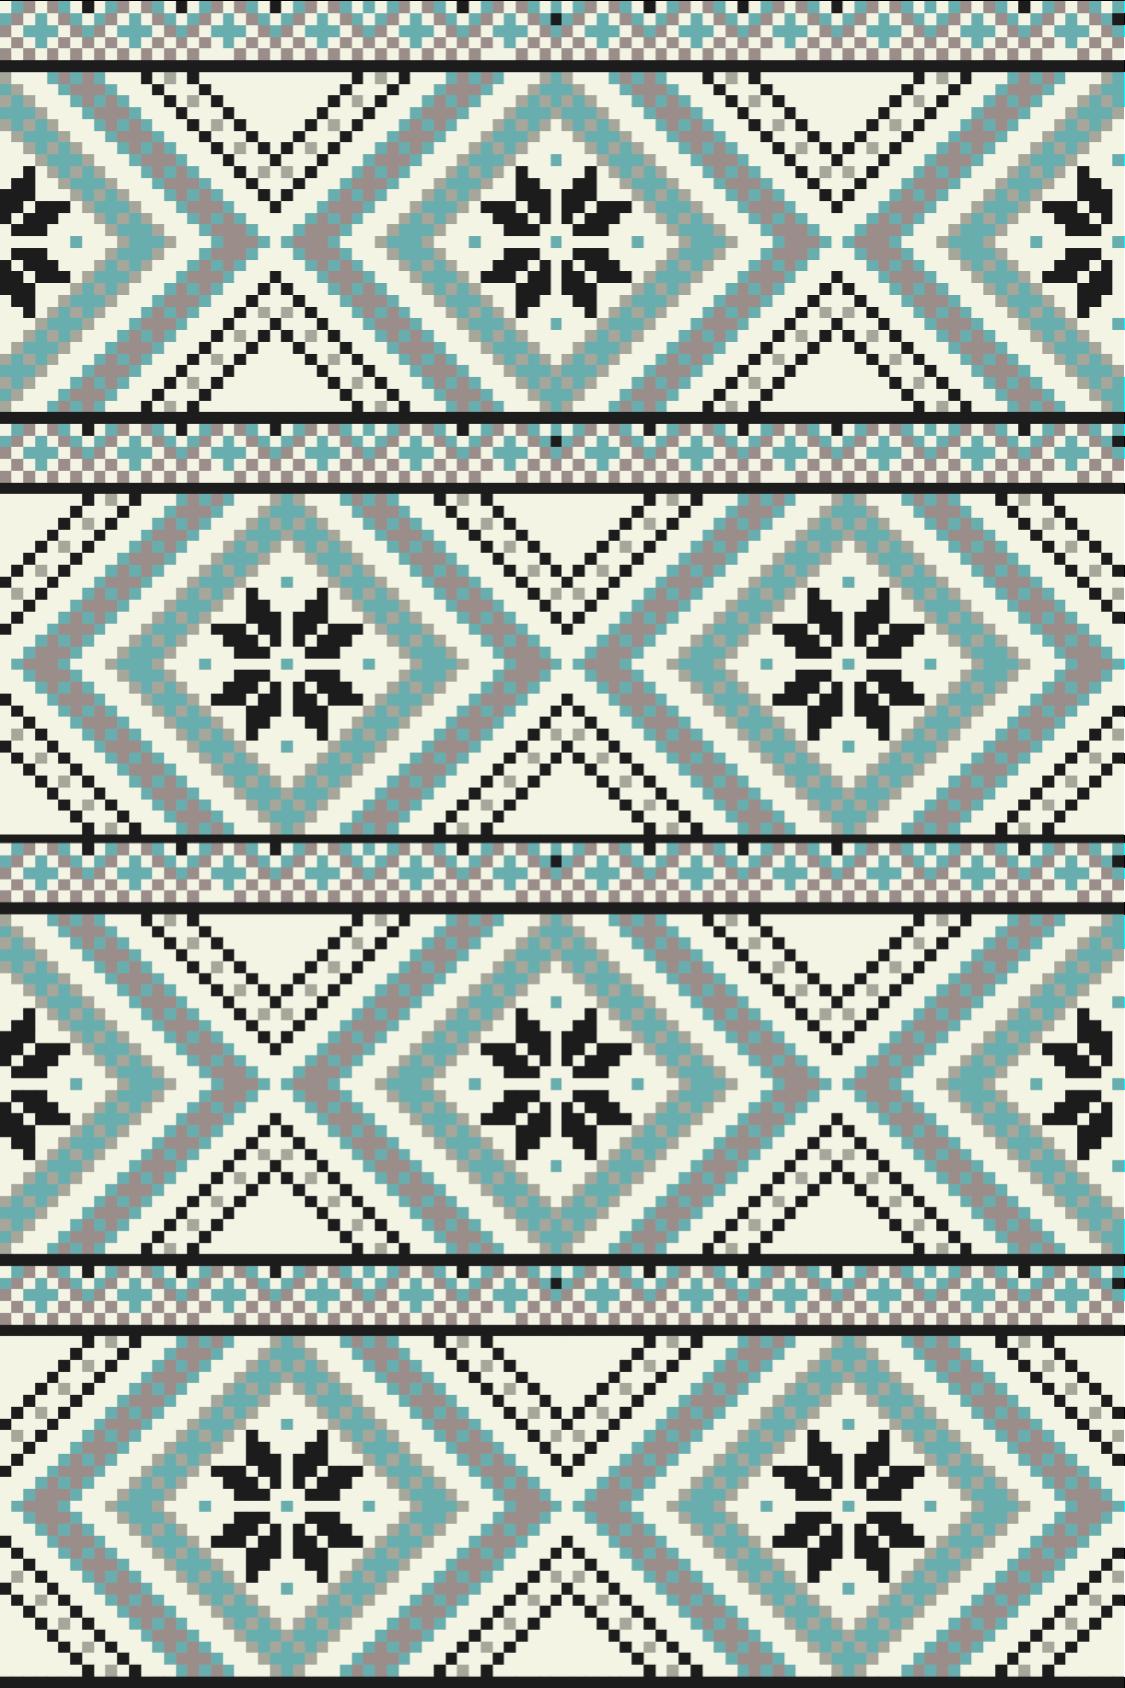 TenStickers. Figuras geométricas escandinavas tapetes de estilo nórdico. O nosso tapete de vinil escandinavo dá uma ideia de como são os invernos frios da escandinávia, com as suas cores frias e design. Torne-se um viking hoje!